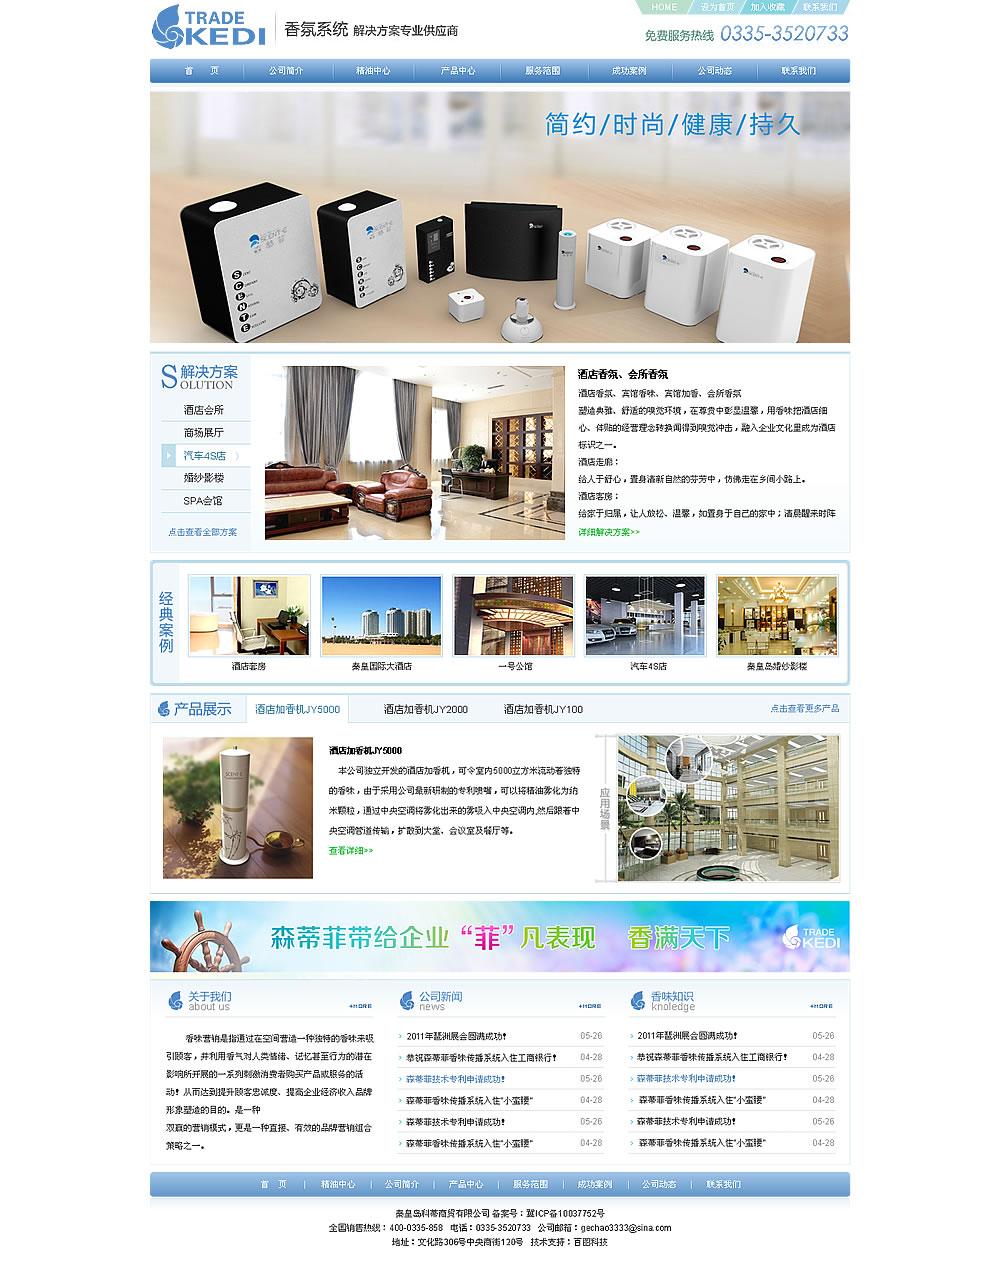 香氛企业网站首页效果图